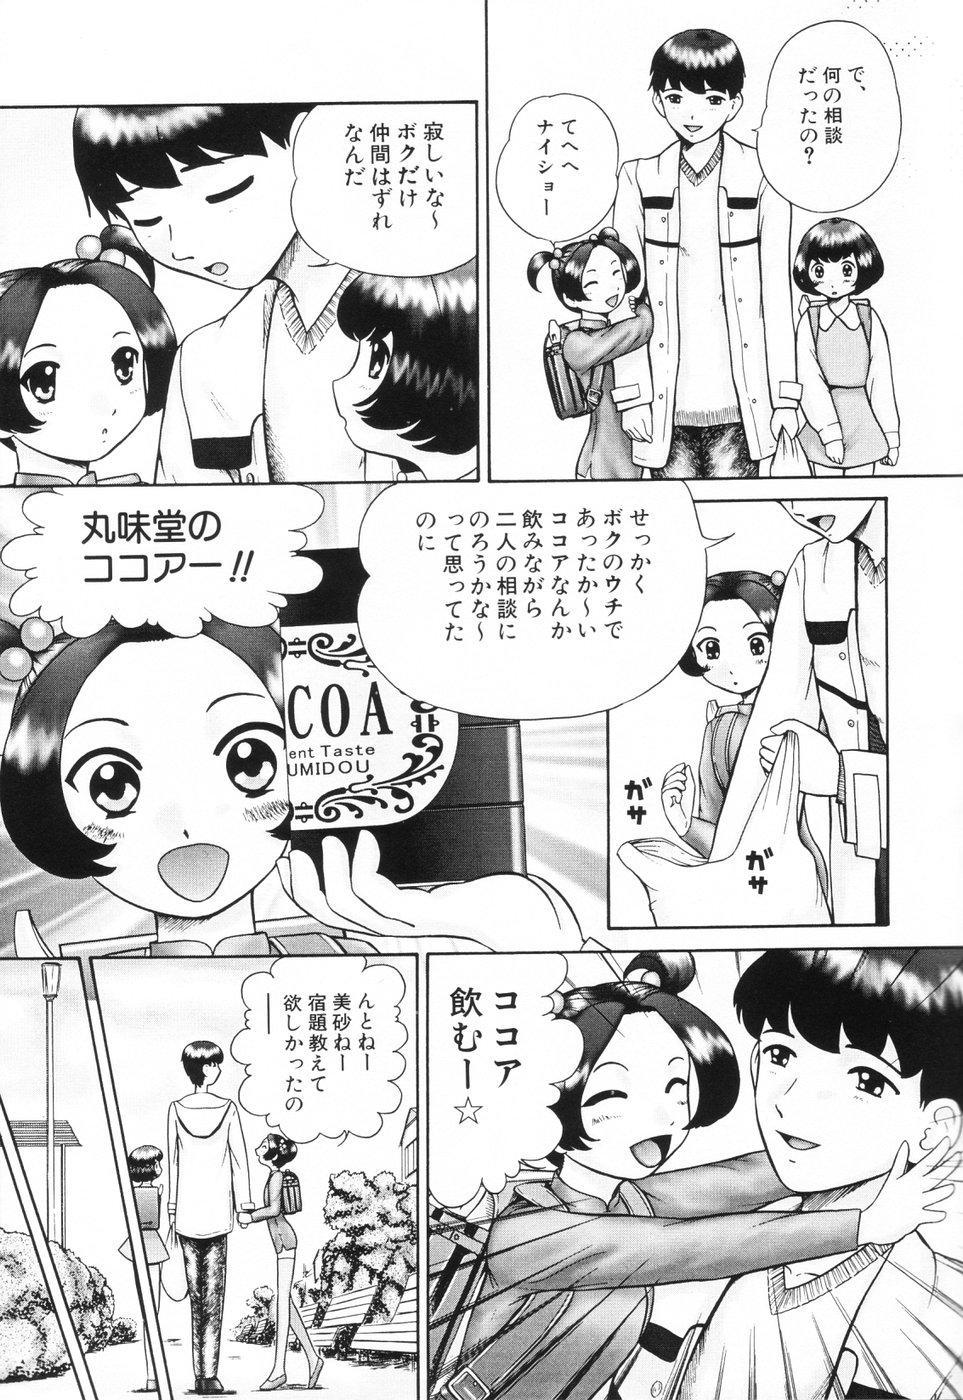 Koneko Genki!! - Powerful Pussycat!! 58